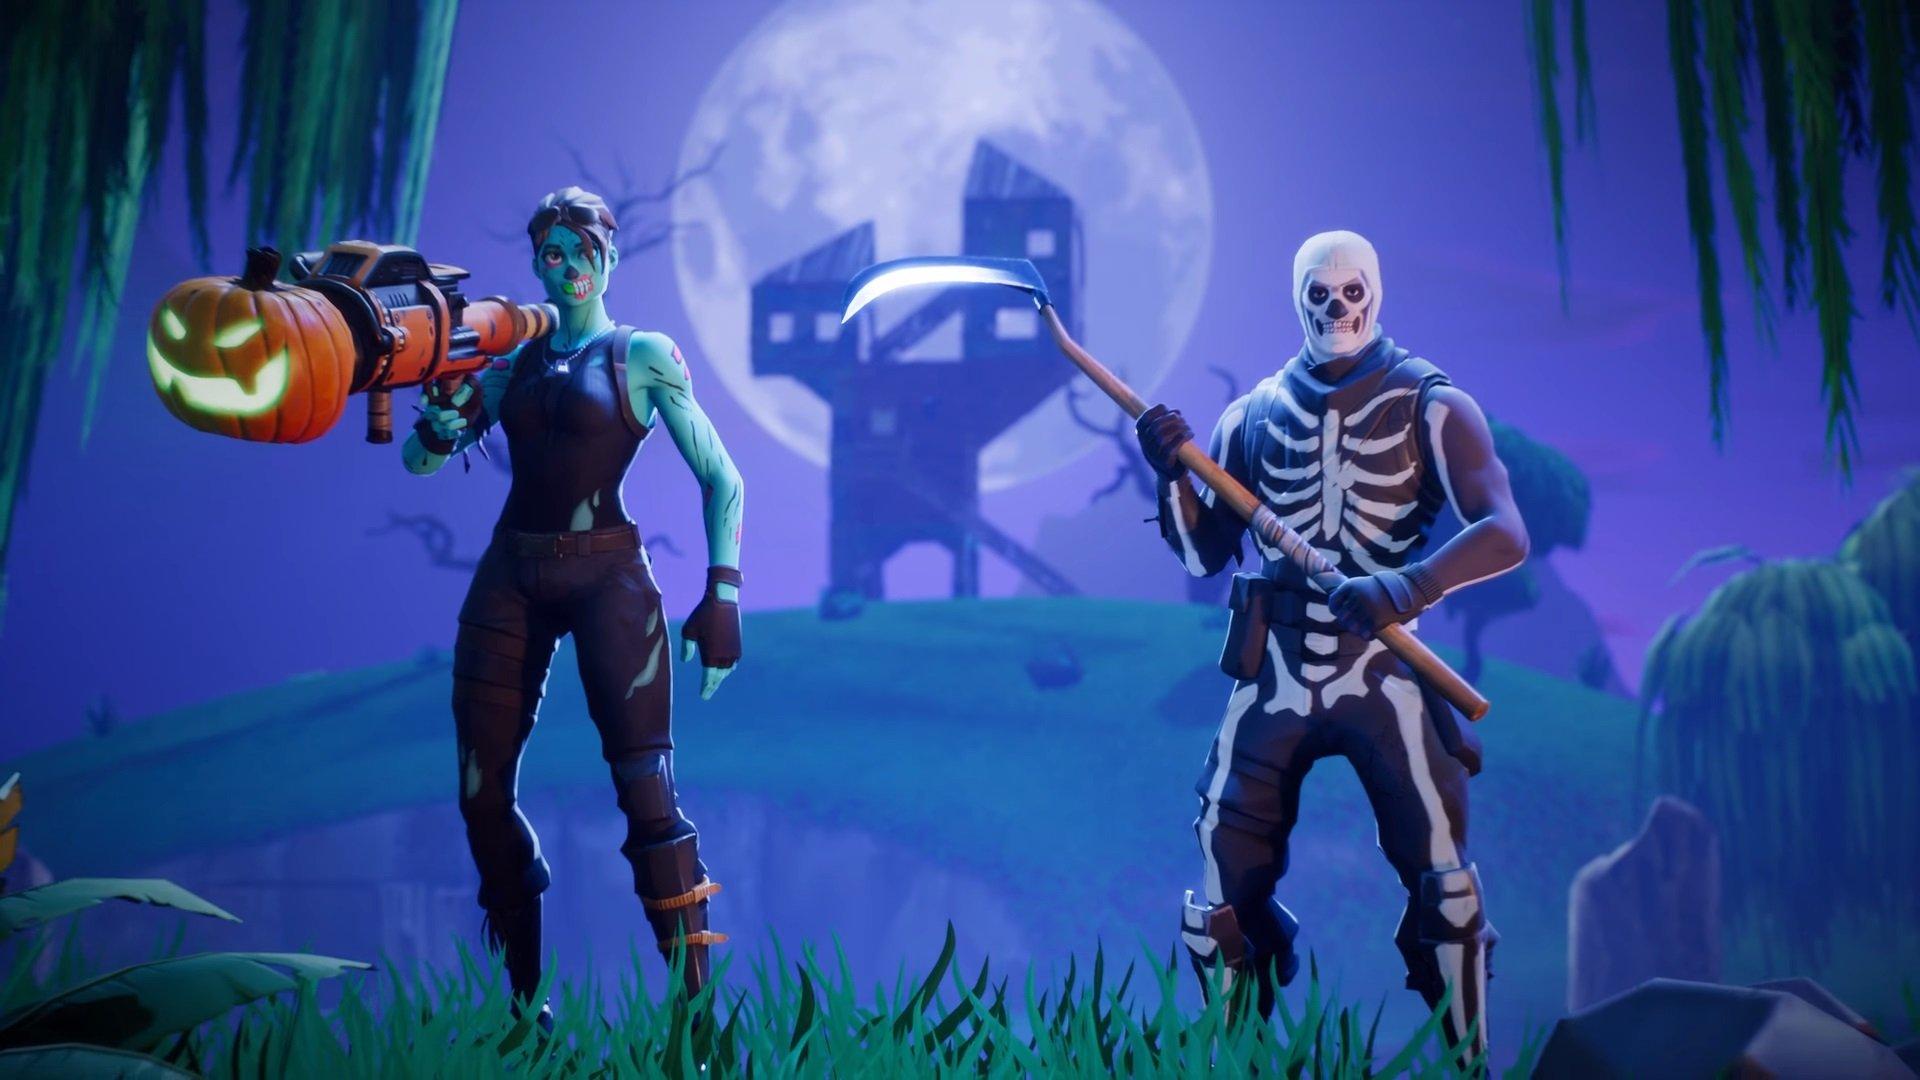 Spirit Halloween et Spencer vont vendre des costumes Fortnite